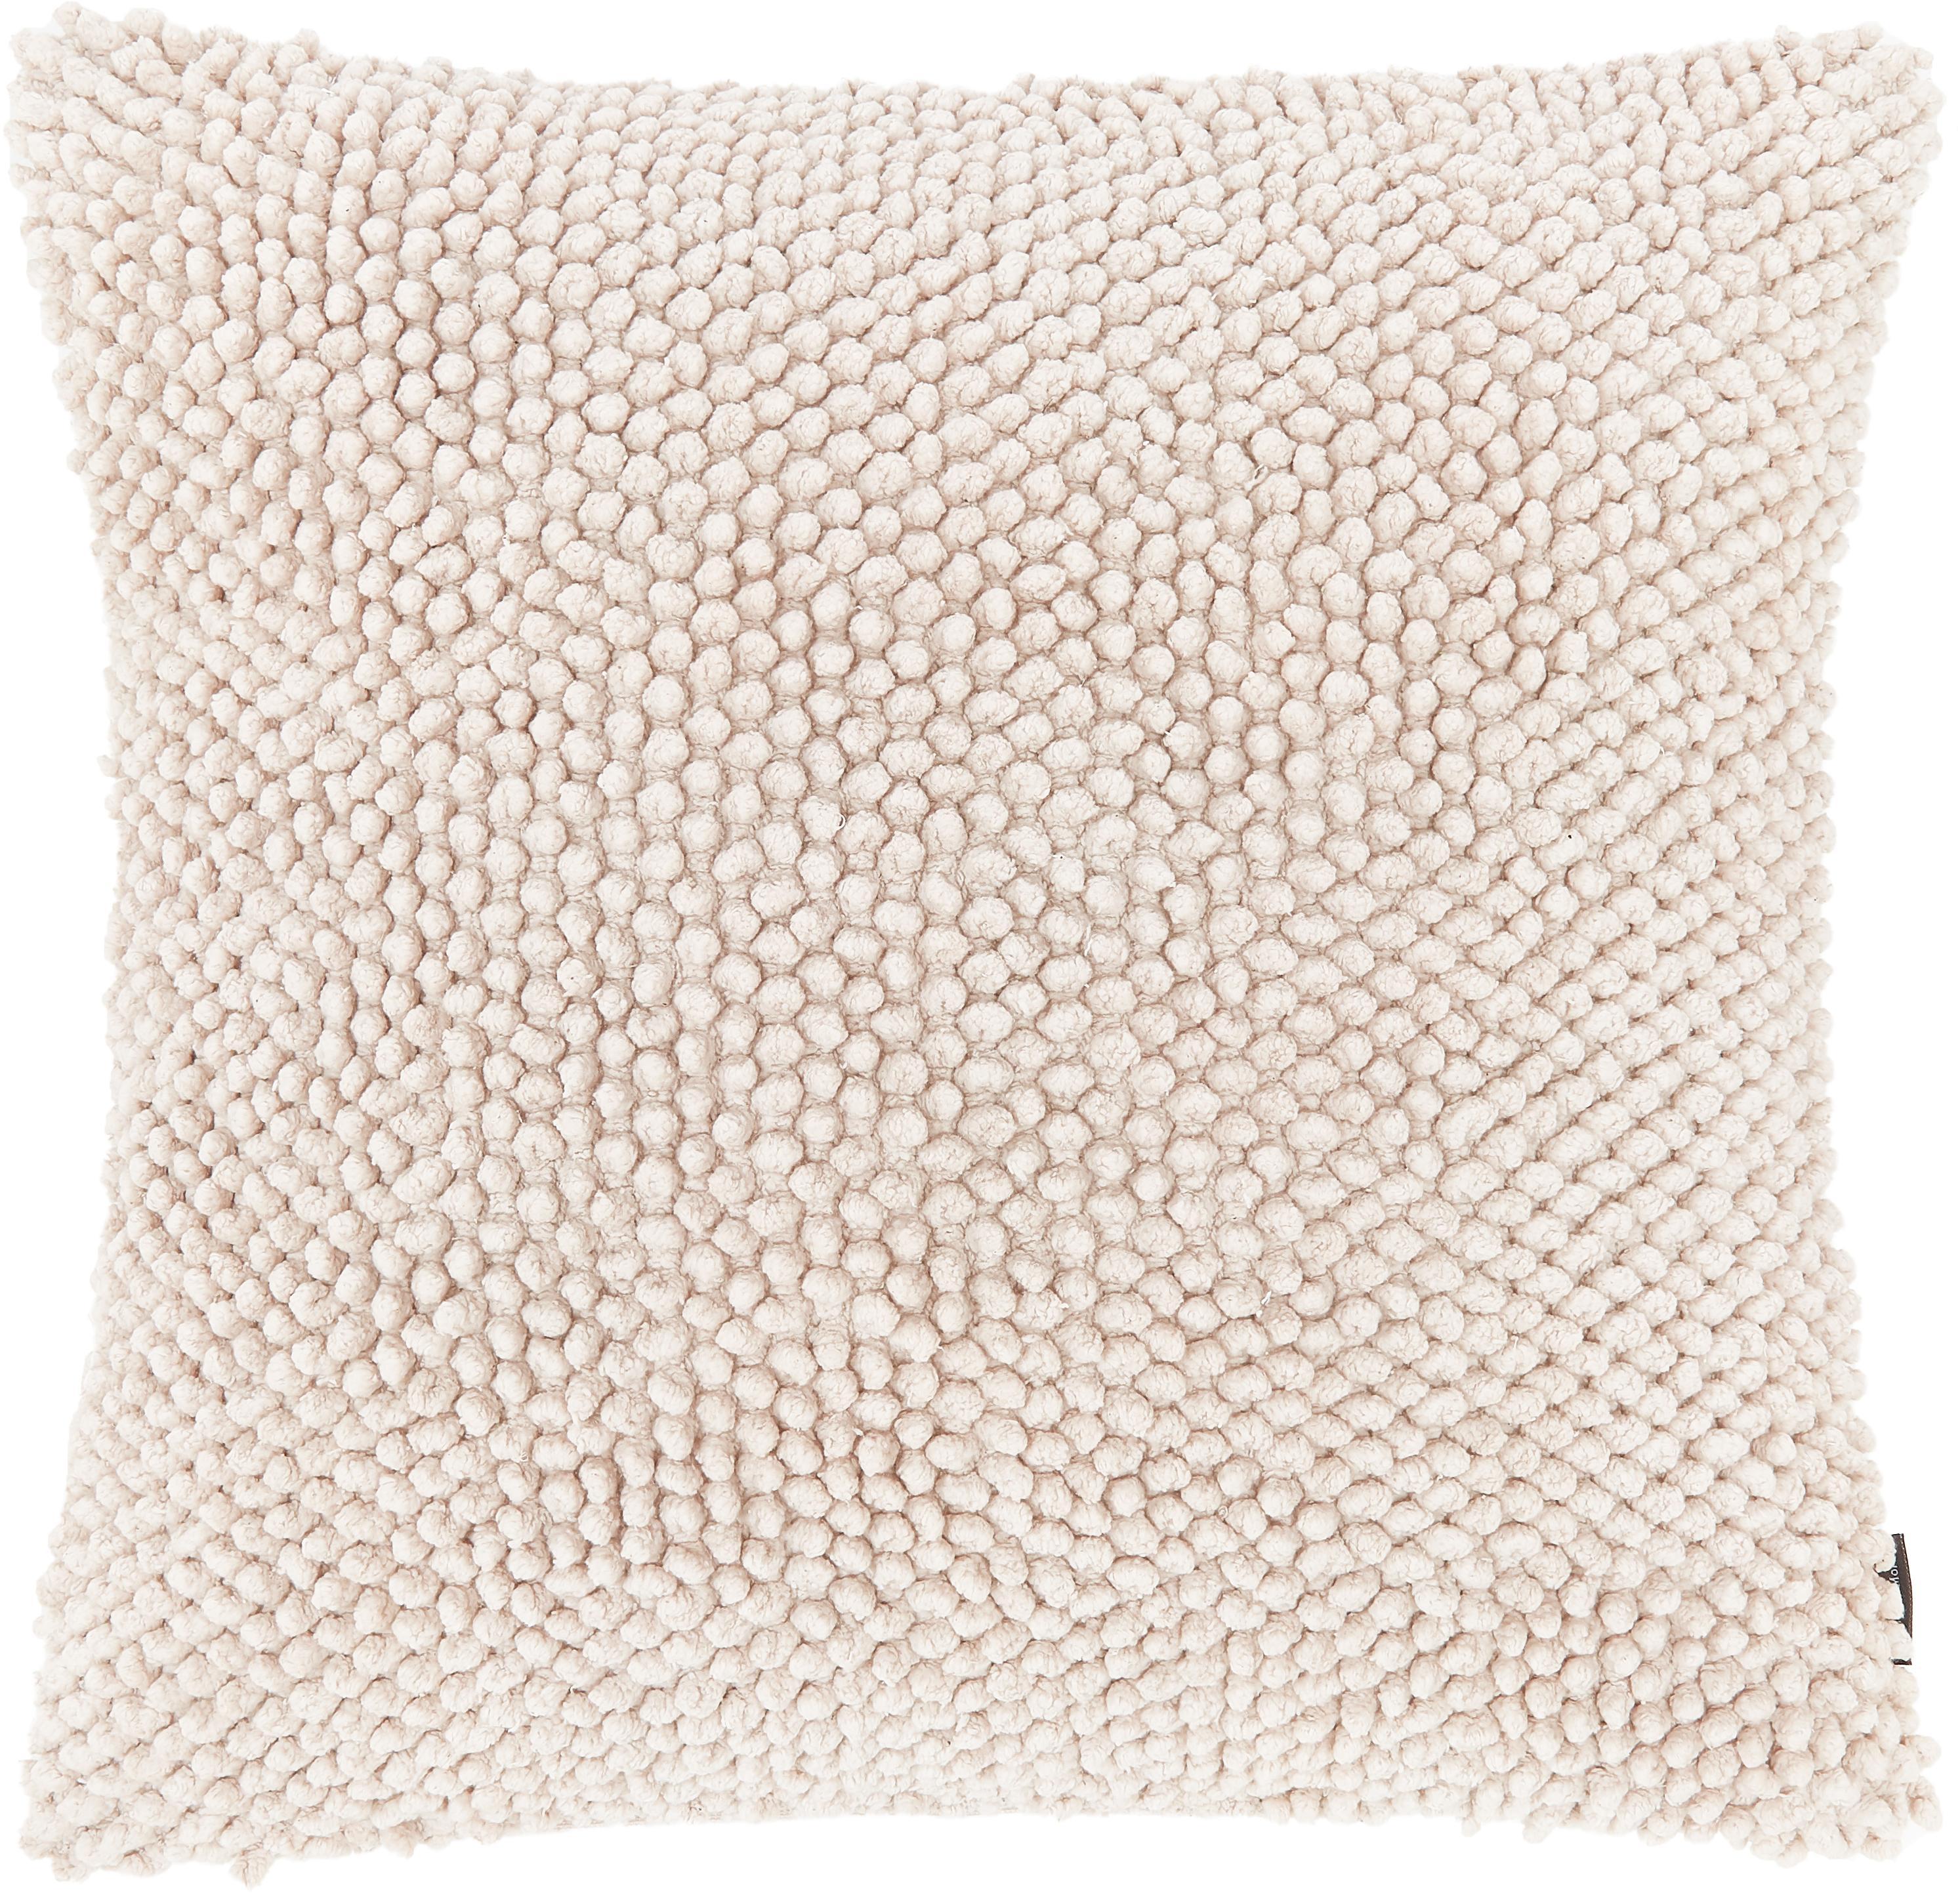 Kissenhülle Indi mit strukturierter Oberfläche, 100% Baumwolle, Gebrochenes Weiss, 45 x 45 cm